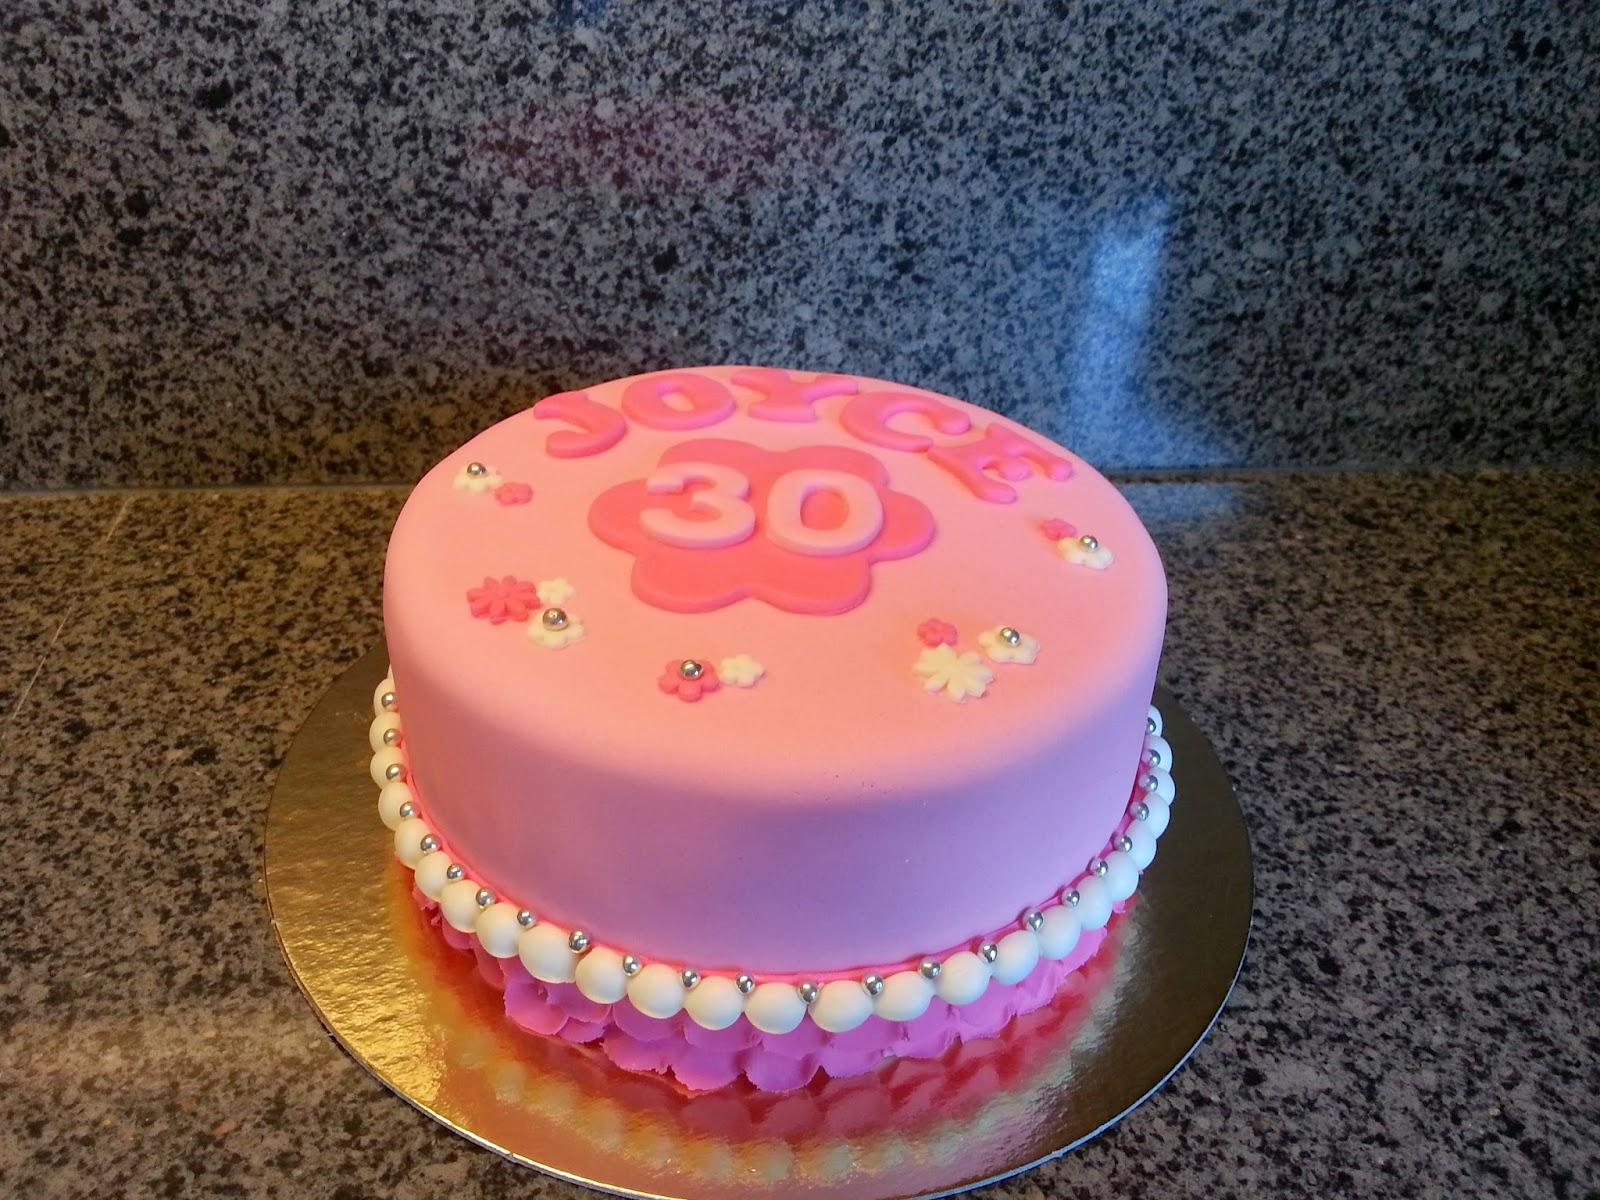 Super Bekend Verjaardagstaart 30 Jaar VHC-78 | Wofosogo @WG82